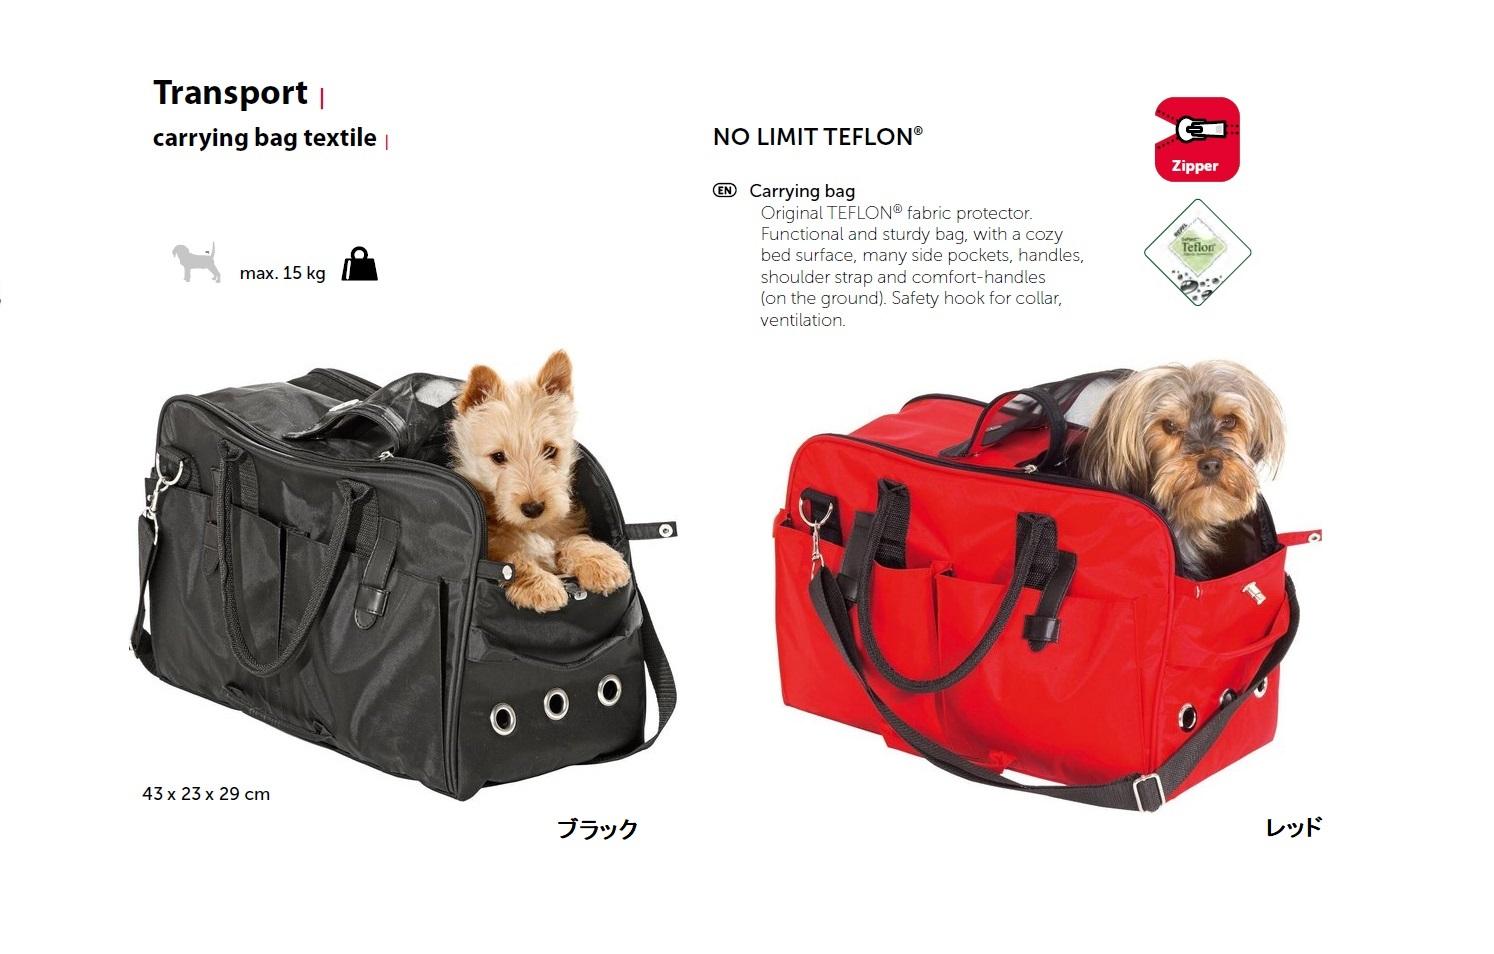 【FLAMINGO】小型犬用 キャリーバッグ NO LIMIT TEFLON(43×23×29cm, max.15kg)ベルギー・フラミンゴ社製